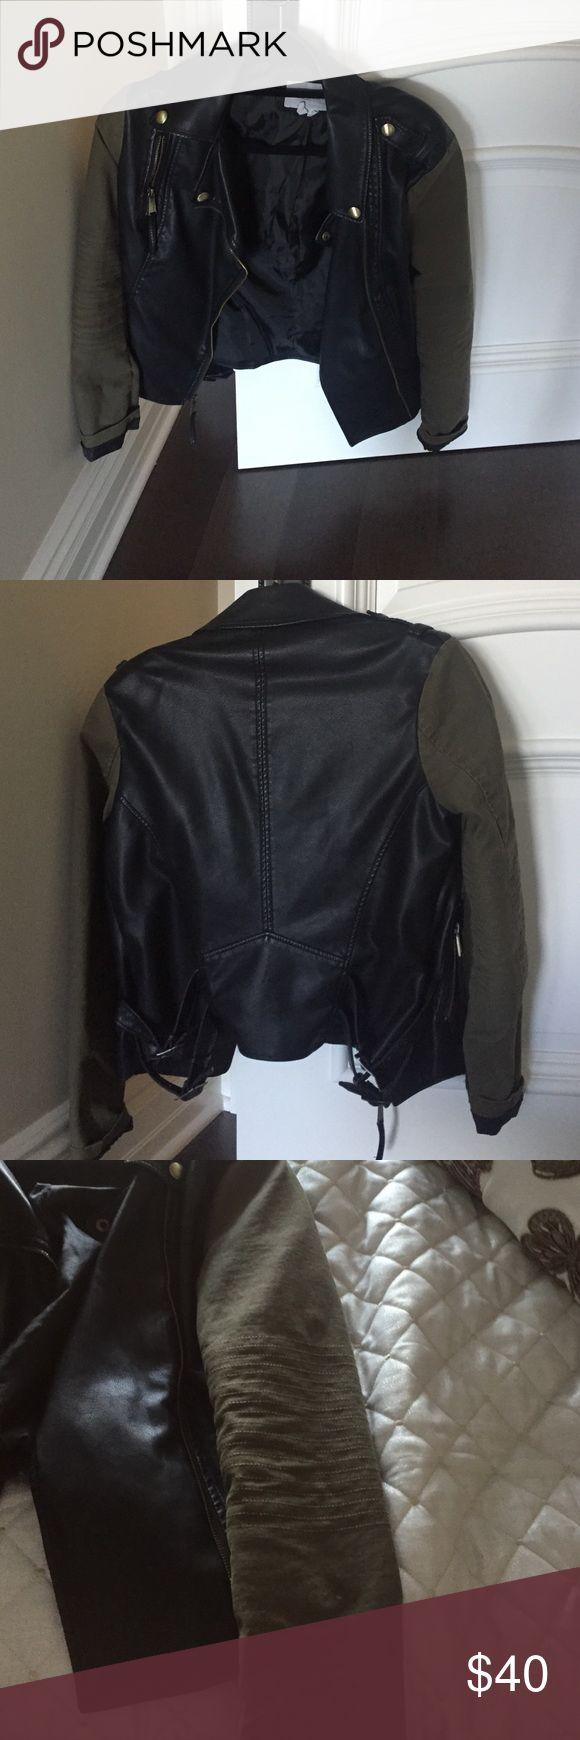 BCBGeneration Jacket Khaki/black jacket. Used. BCBGeneration Jackets & Coats